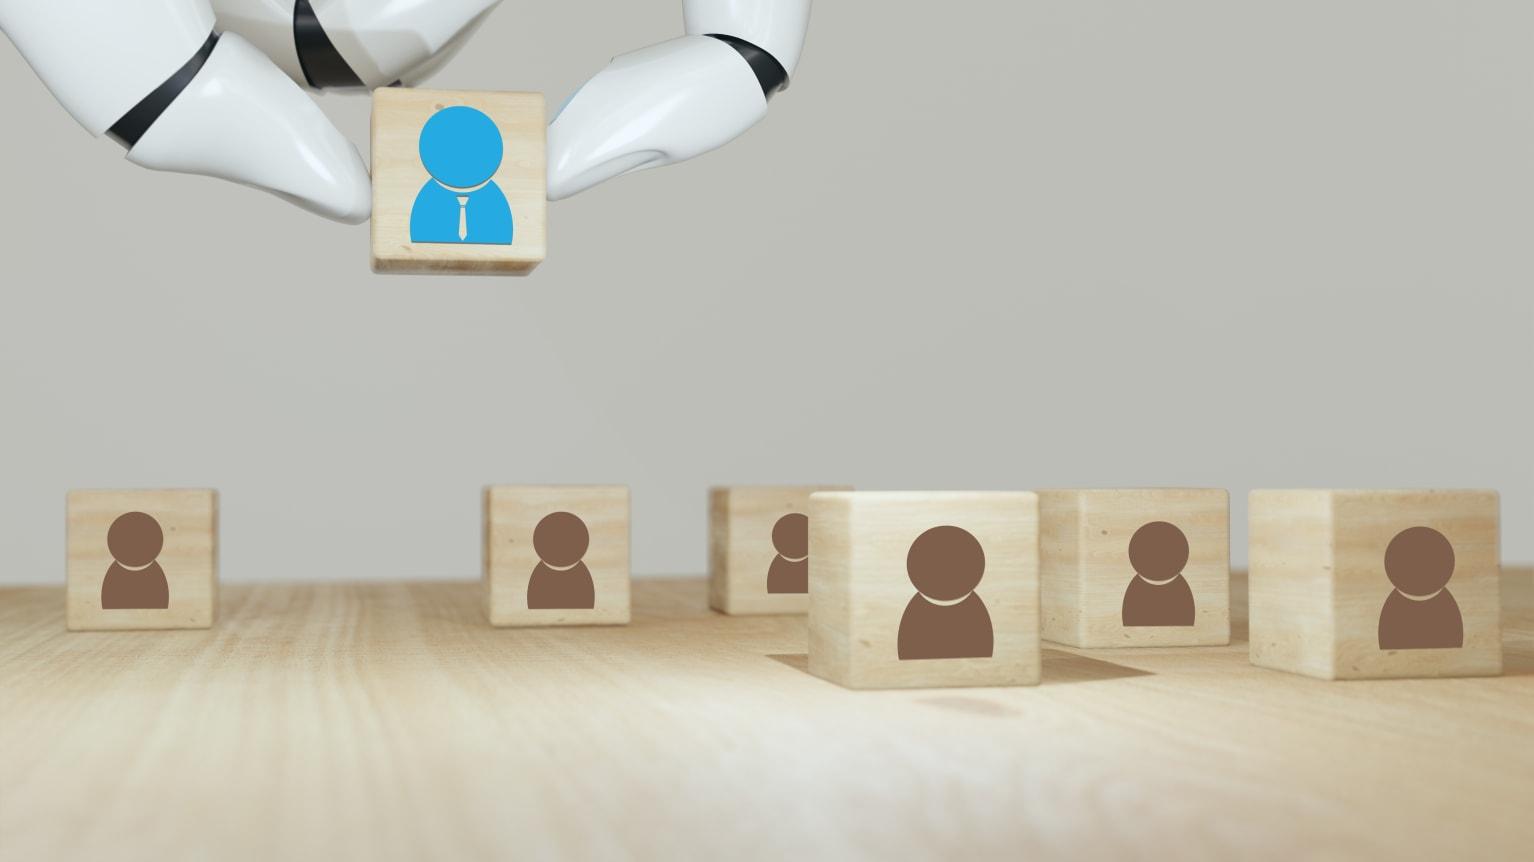 Cover - Le Matching emplois : le nouveau Tinder du recrutement